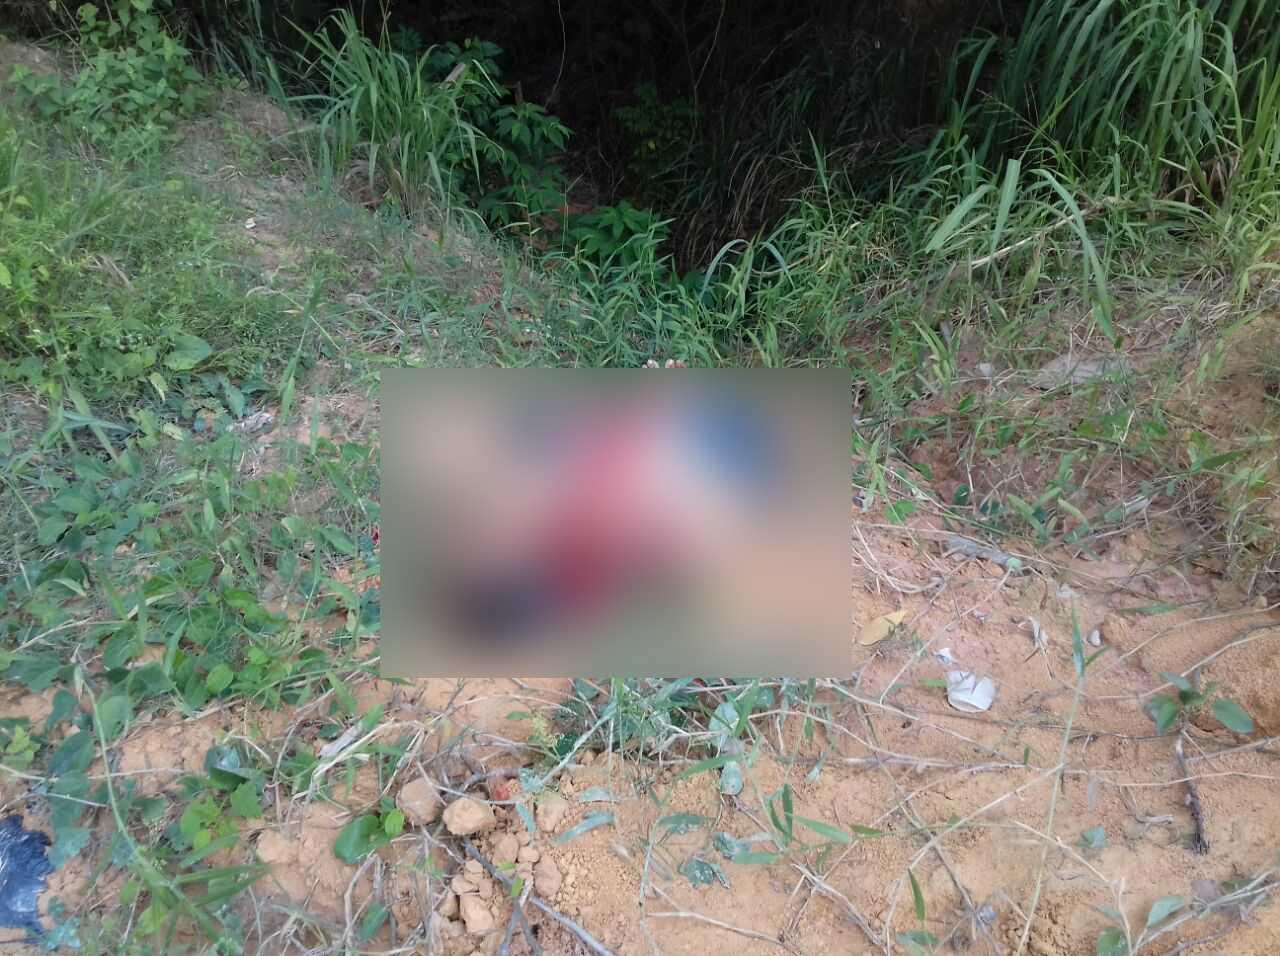 Corpo de homem decaptado é encontrado na avenida das Flores em Manaus - Imagem: Via Whatsapp